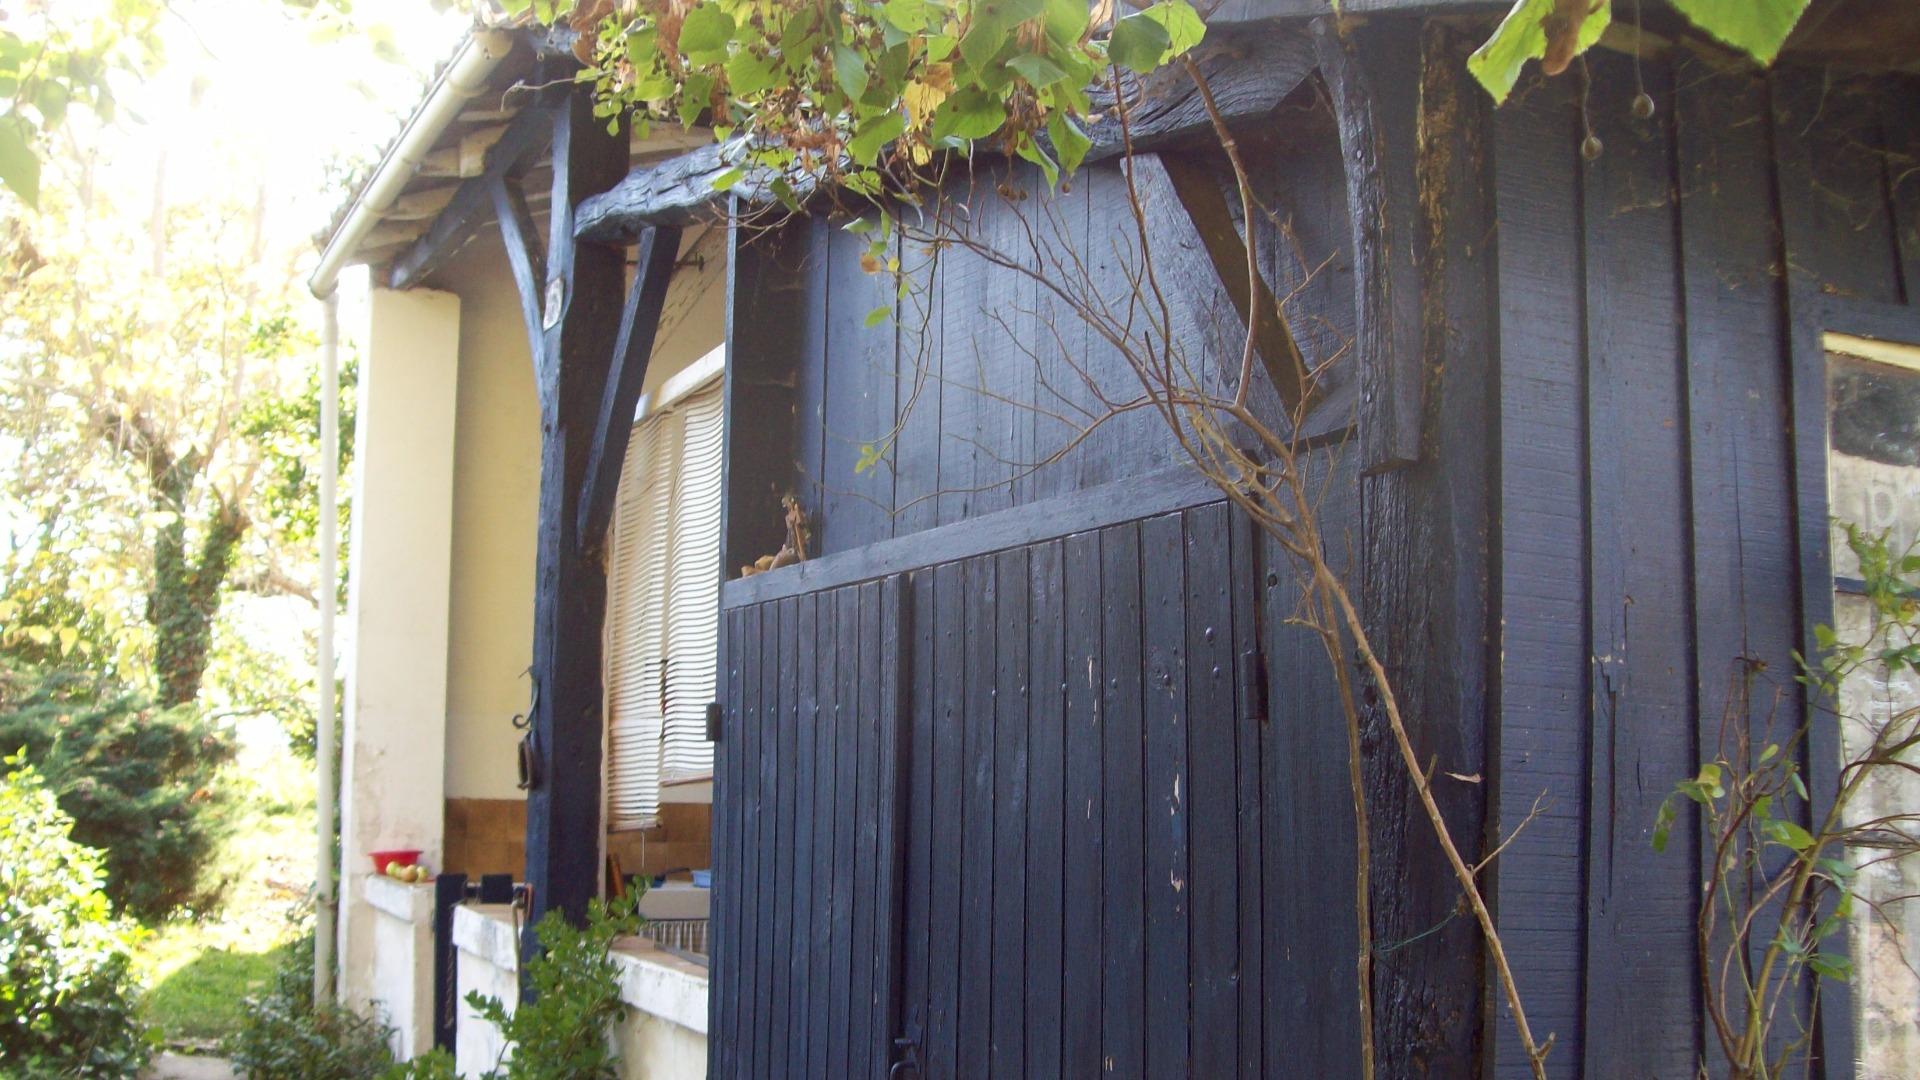 Maison en viager occupé proche de LANGON